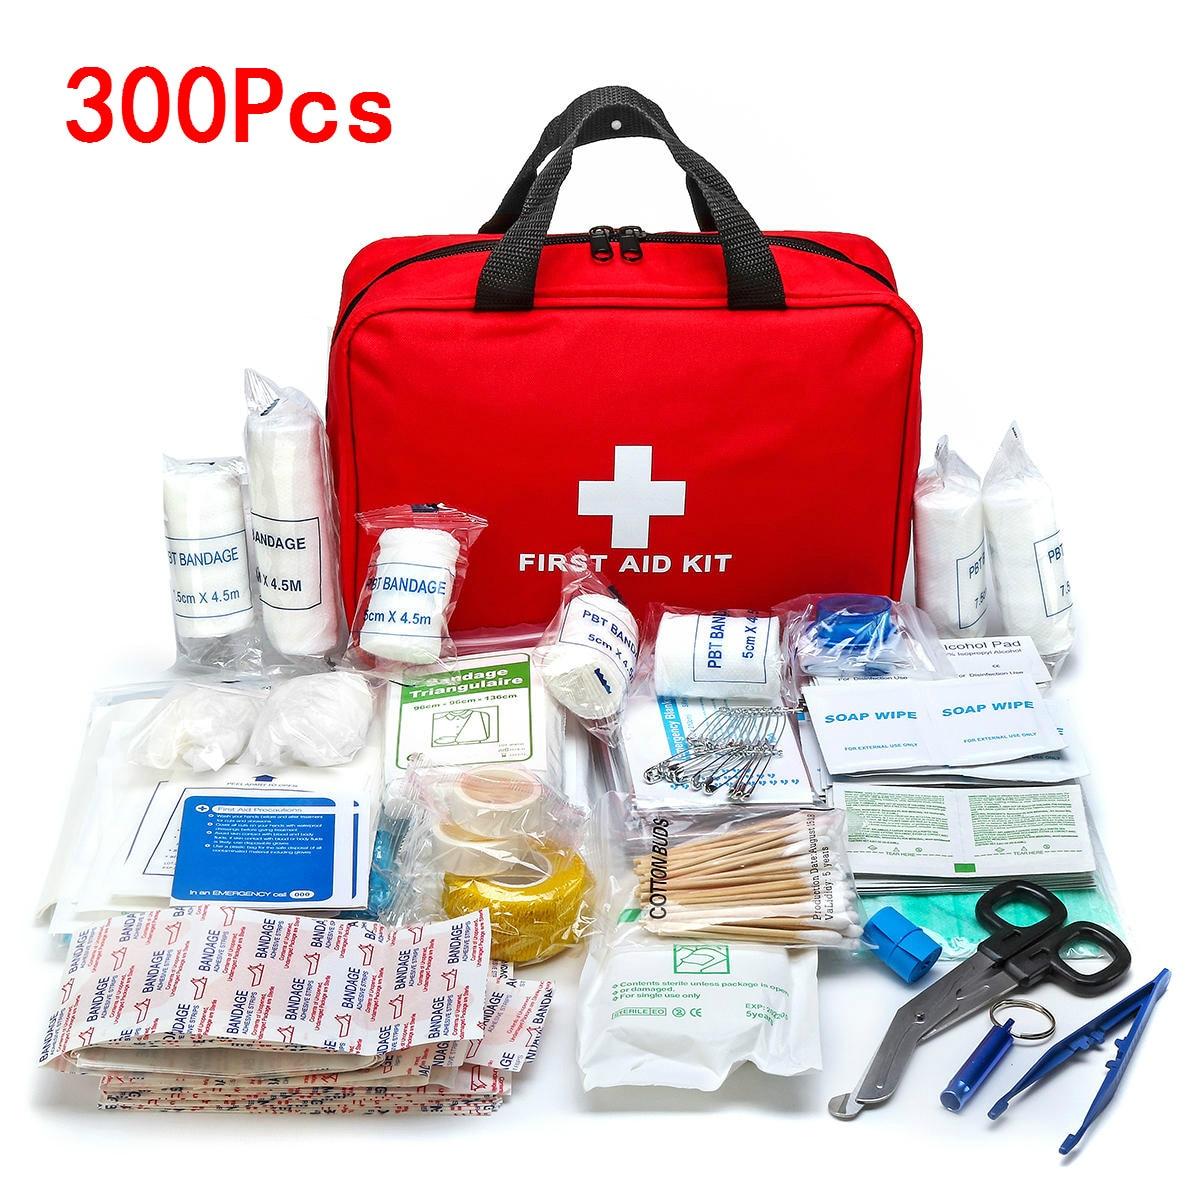 Портативный набор для выживания в чрезвычайных ситуациях, 16-300 шт., аптечка для лекарств, походная медицинская сумка, сумка для экстренной по...